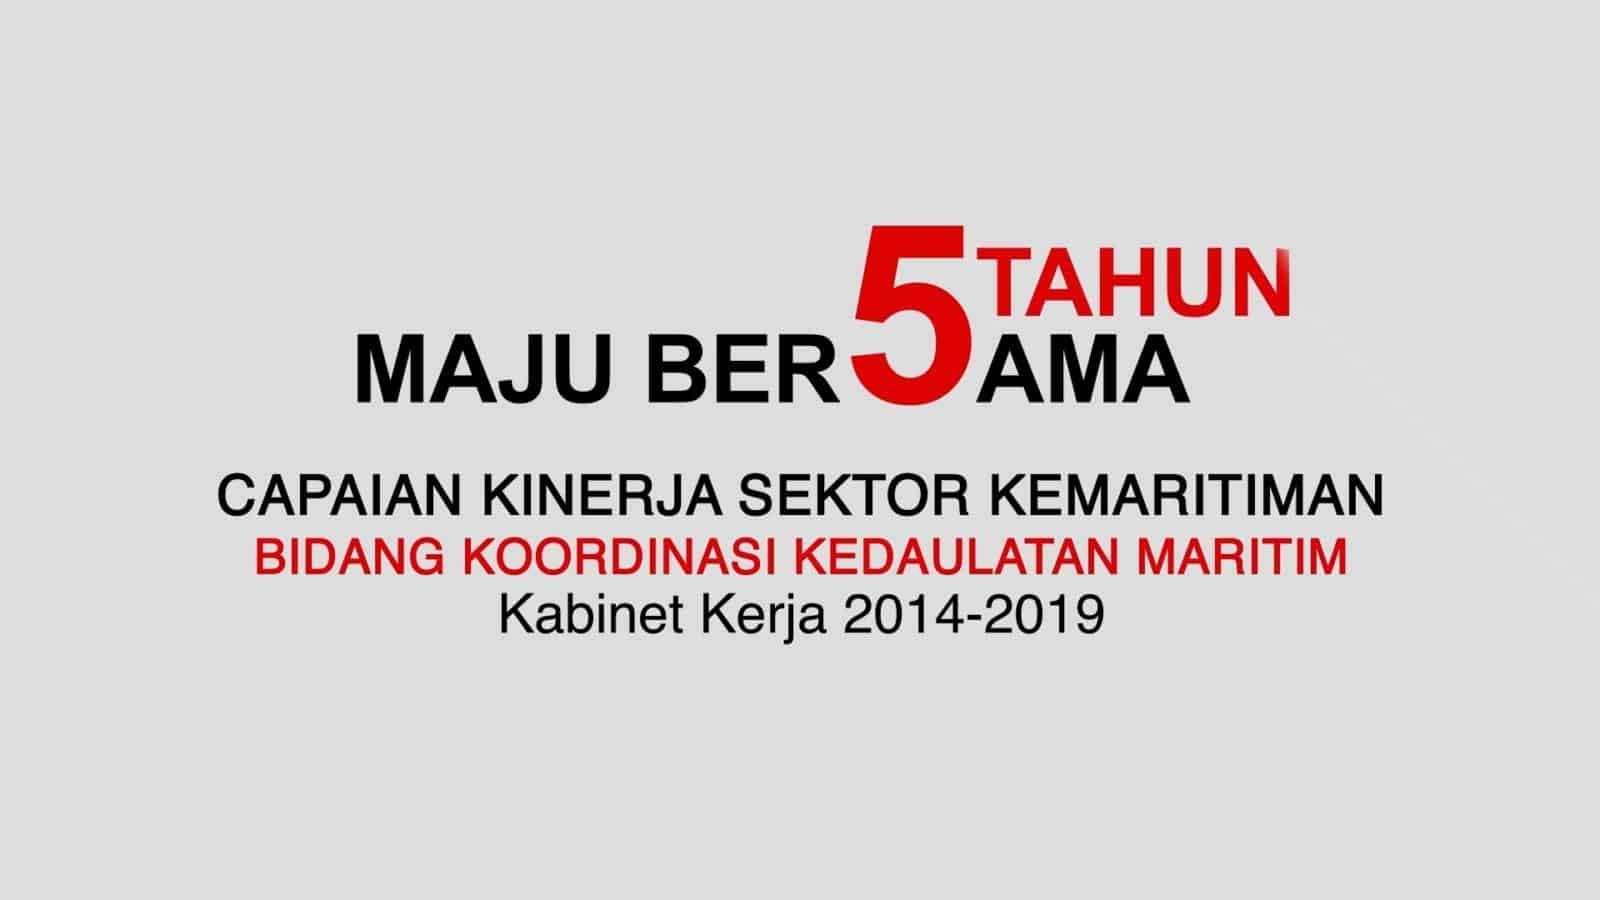 Capaian Kinerja Sektor Kemaritiman Bidang Koordinasi Kedaulatan Maritim – Kabinet Kerja 2014-2019